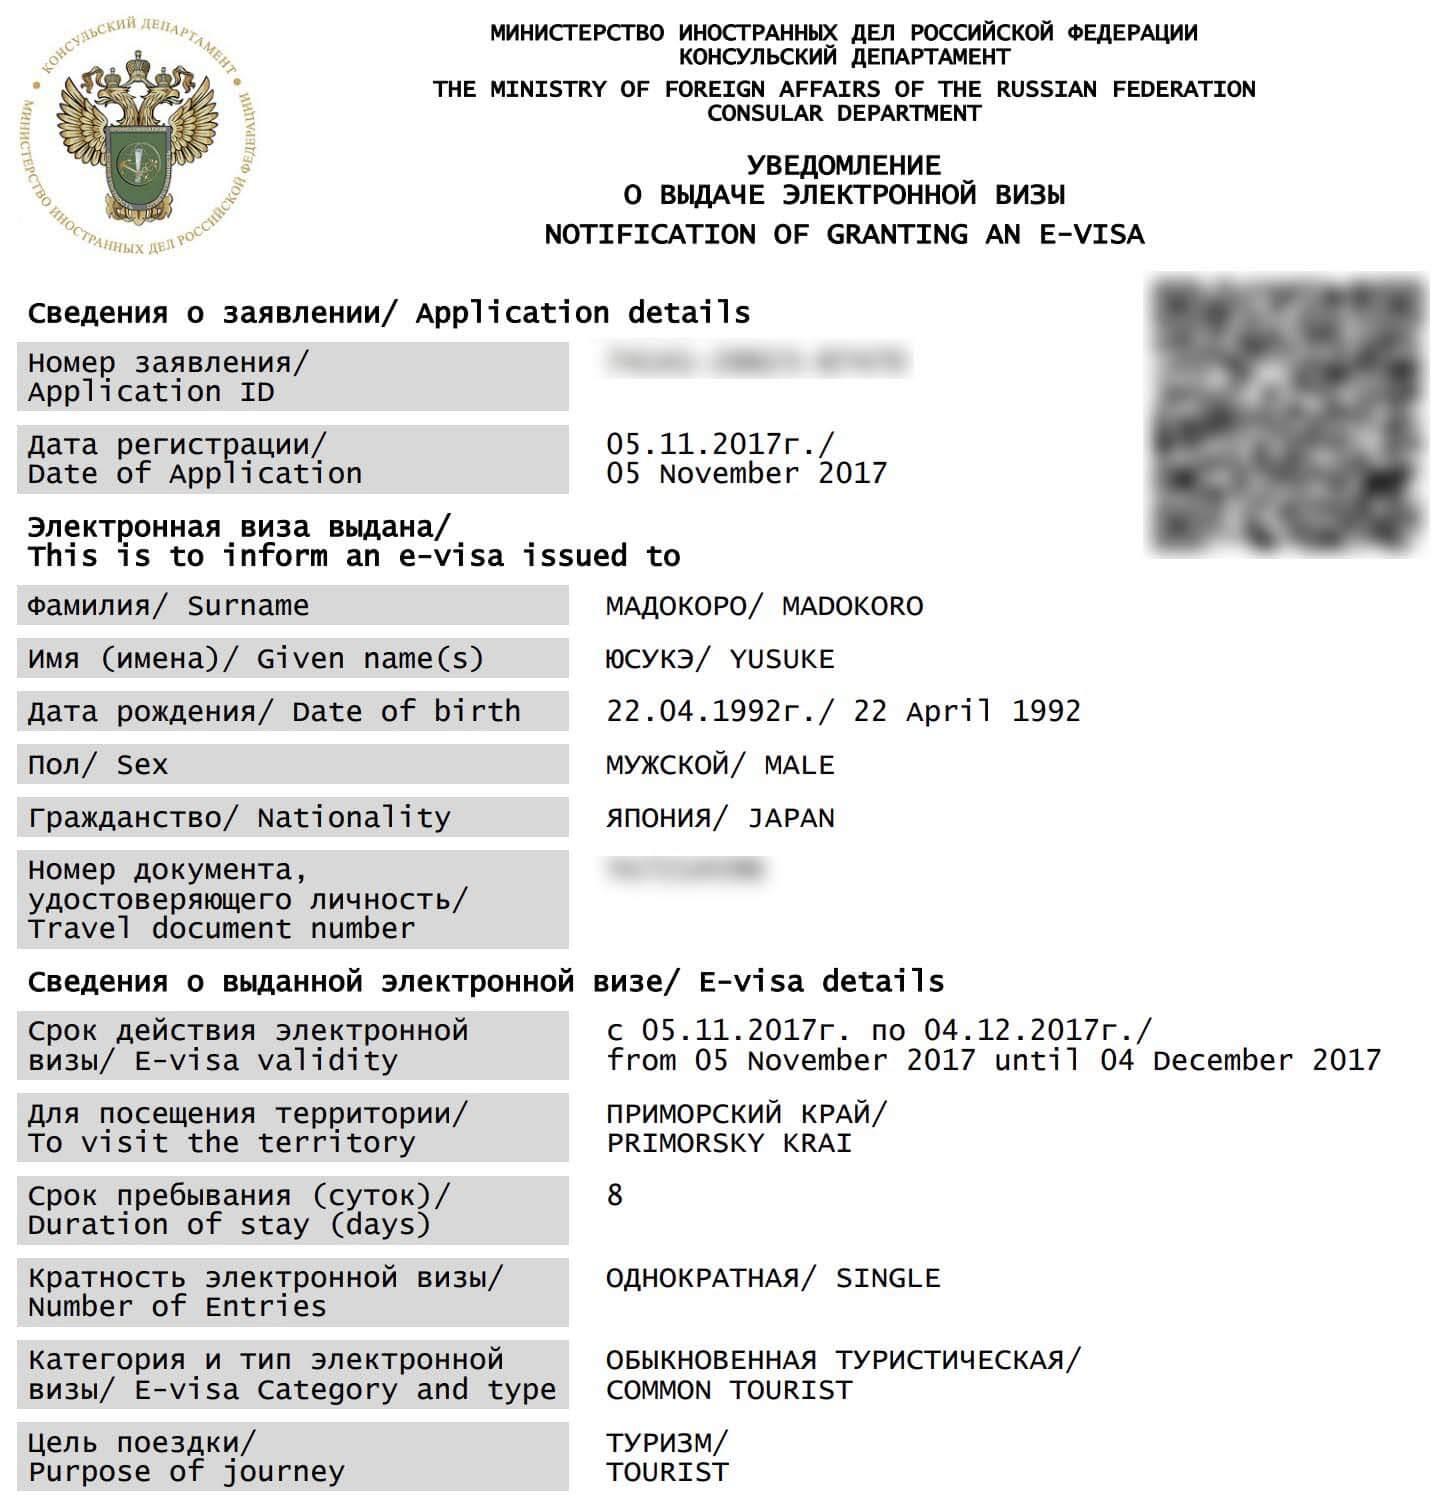 発行されたロシア電子ビザ